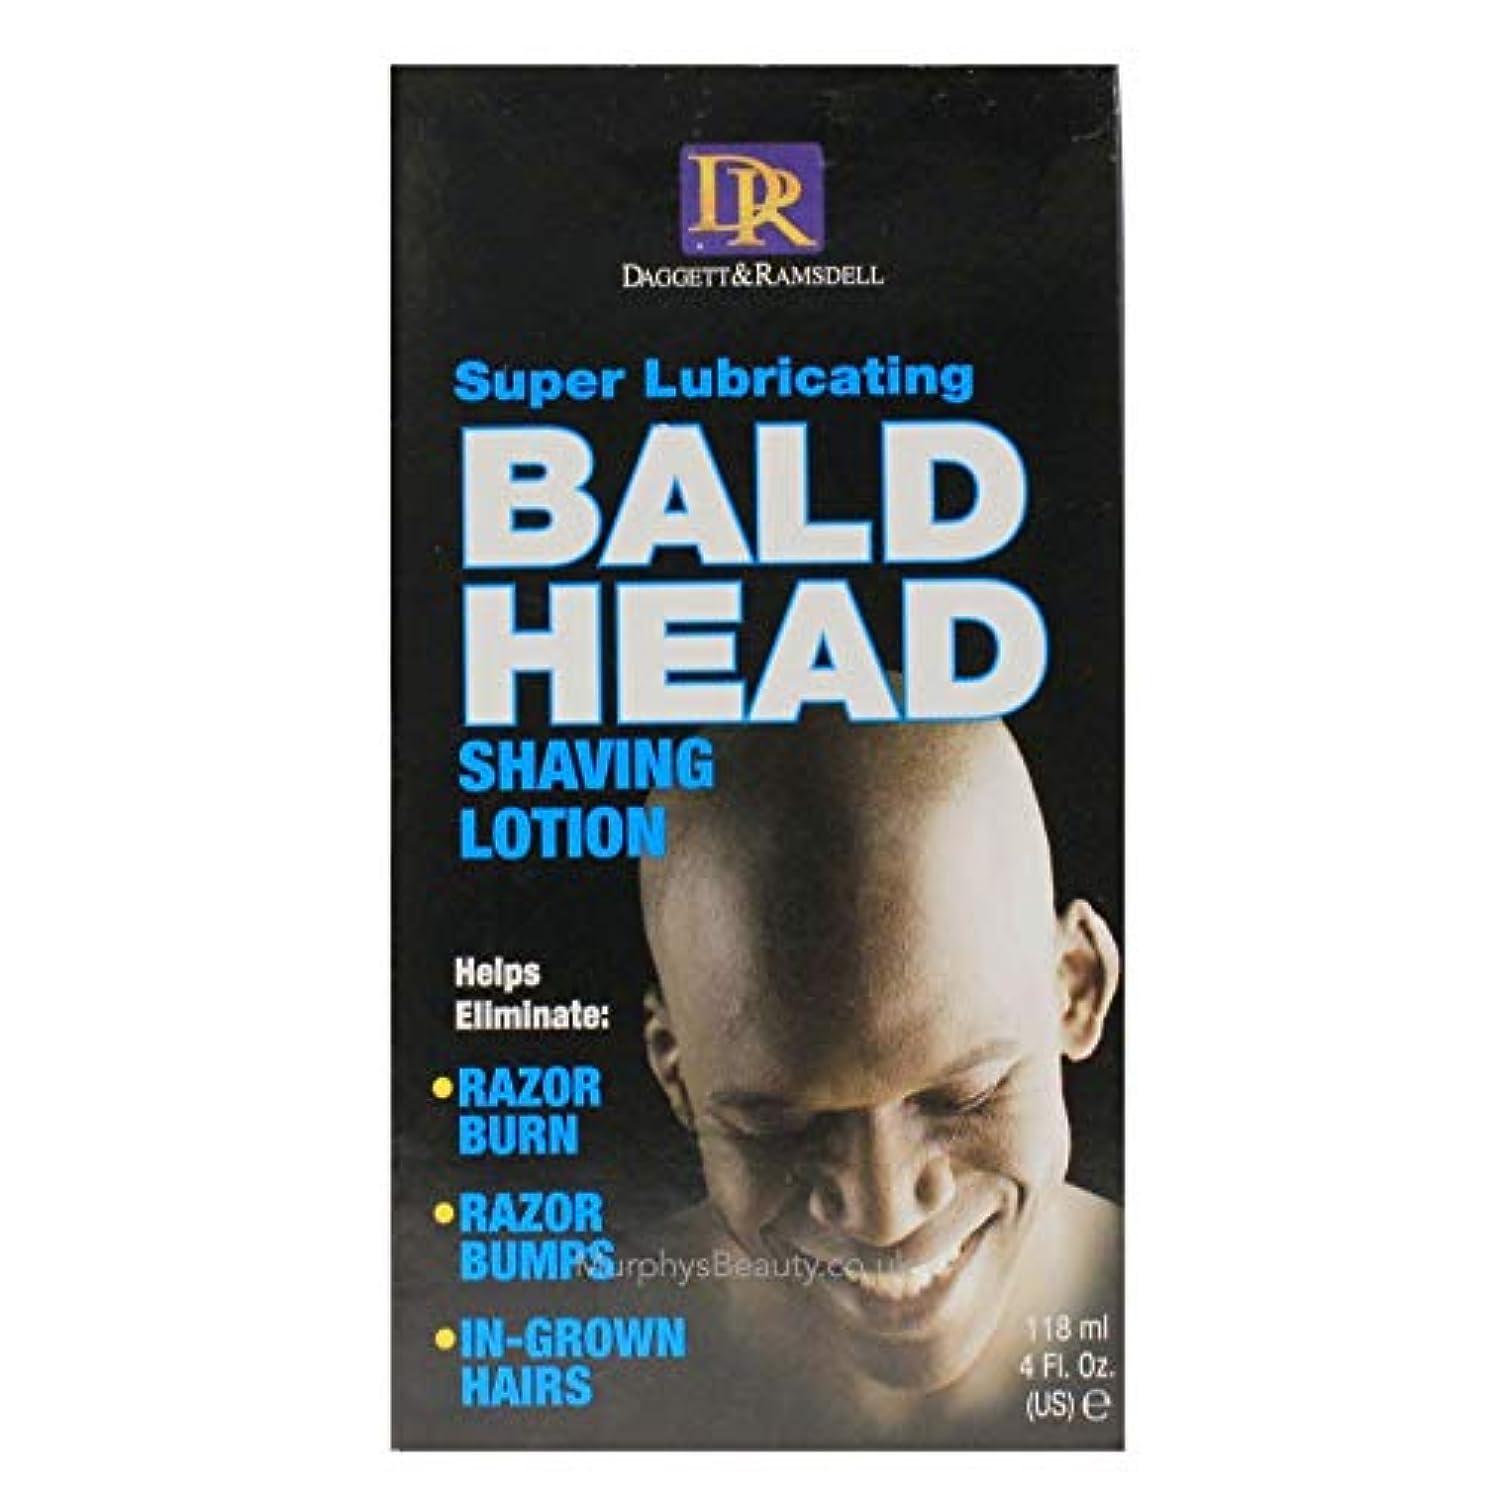 一般化する余分なセマフォDaggett & Ramsdell Super Lubricating Bald Head Shaving Lotion Hair Removal Products (並行輸入品)